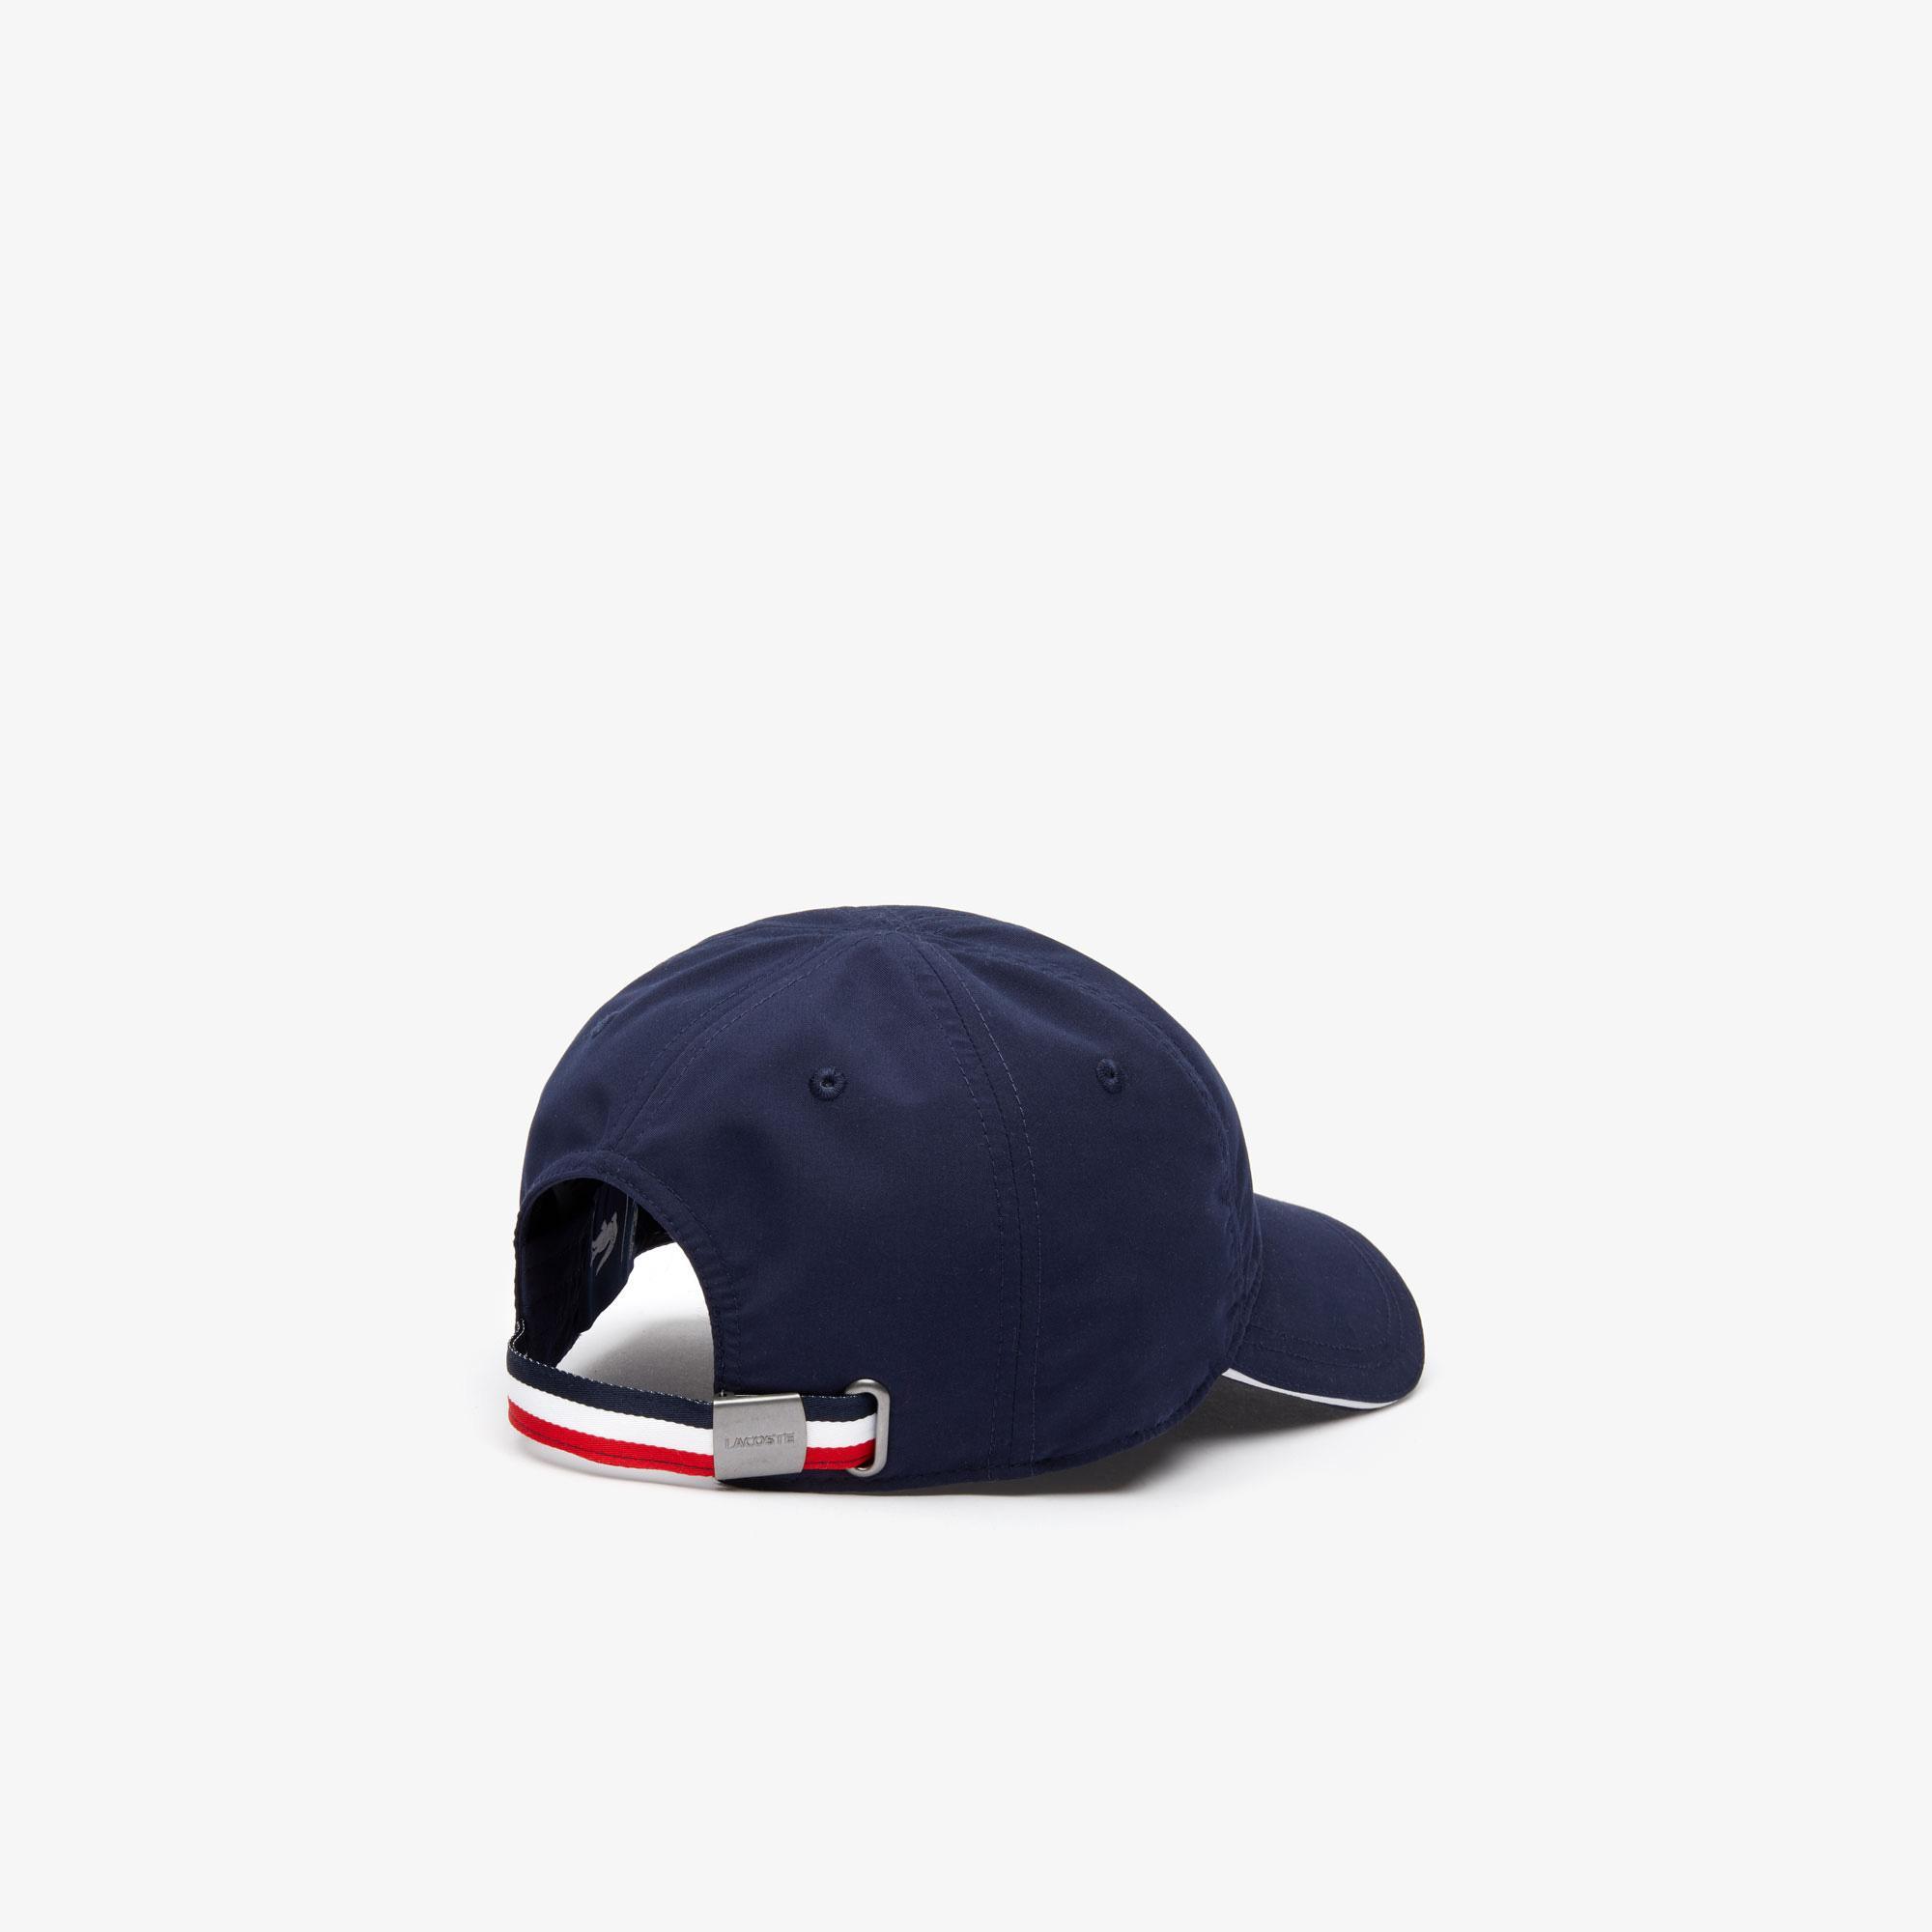 Lacoste X Tokyo Olympics Sport Erkek Timsah Baskılı Lacivert Şapka